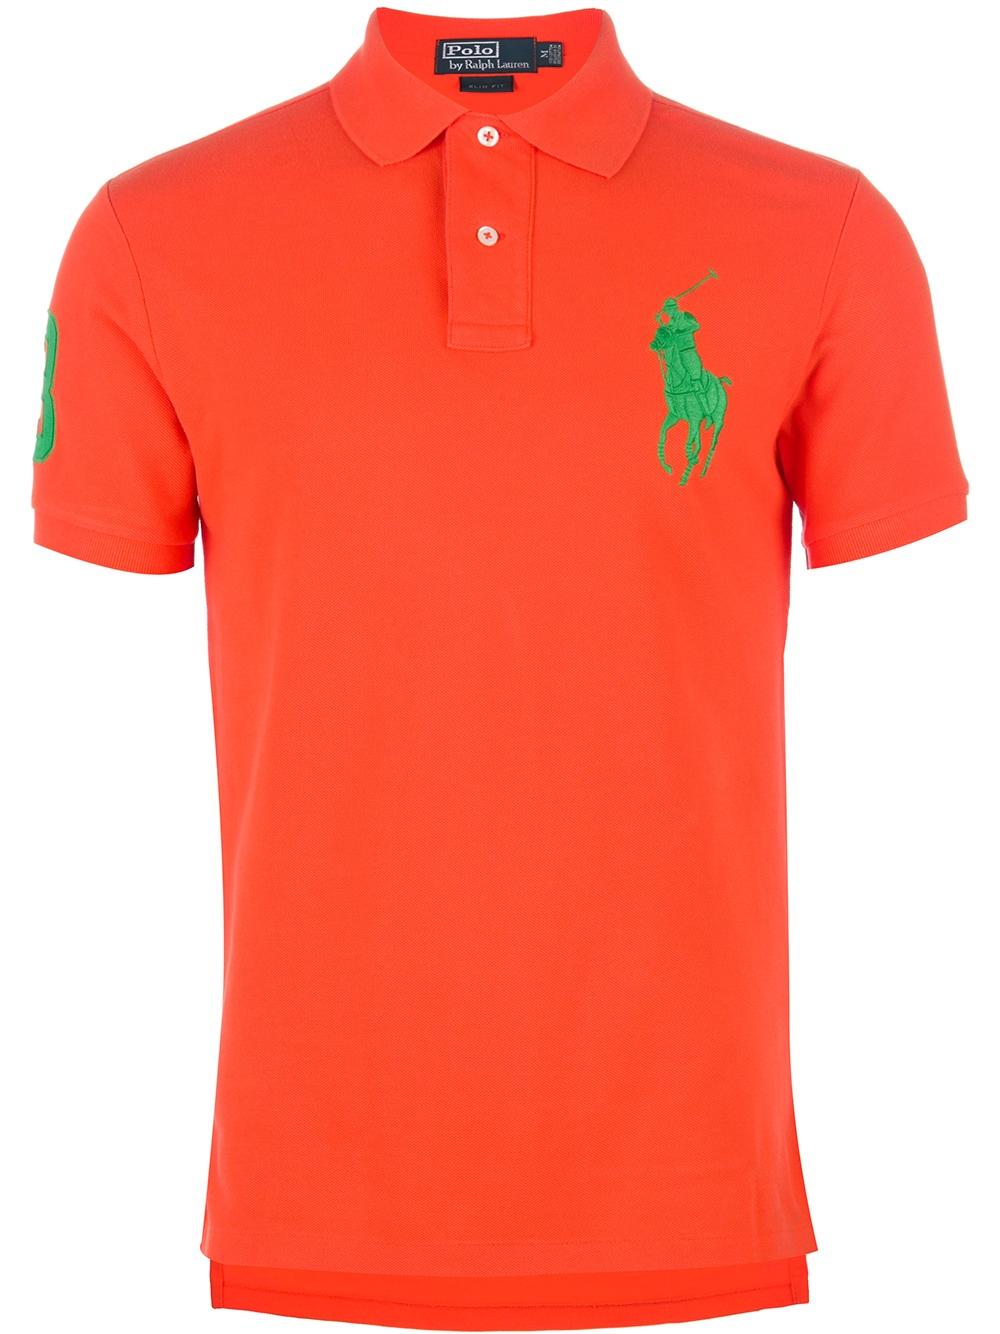 Polo ralph lauren large logo polo shirt in orange for men for Orange polo shirt mens